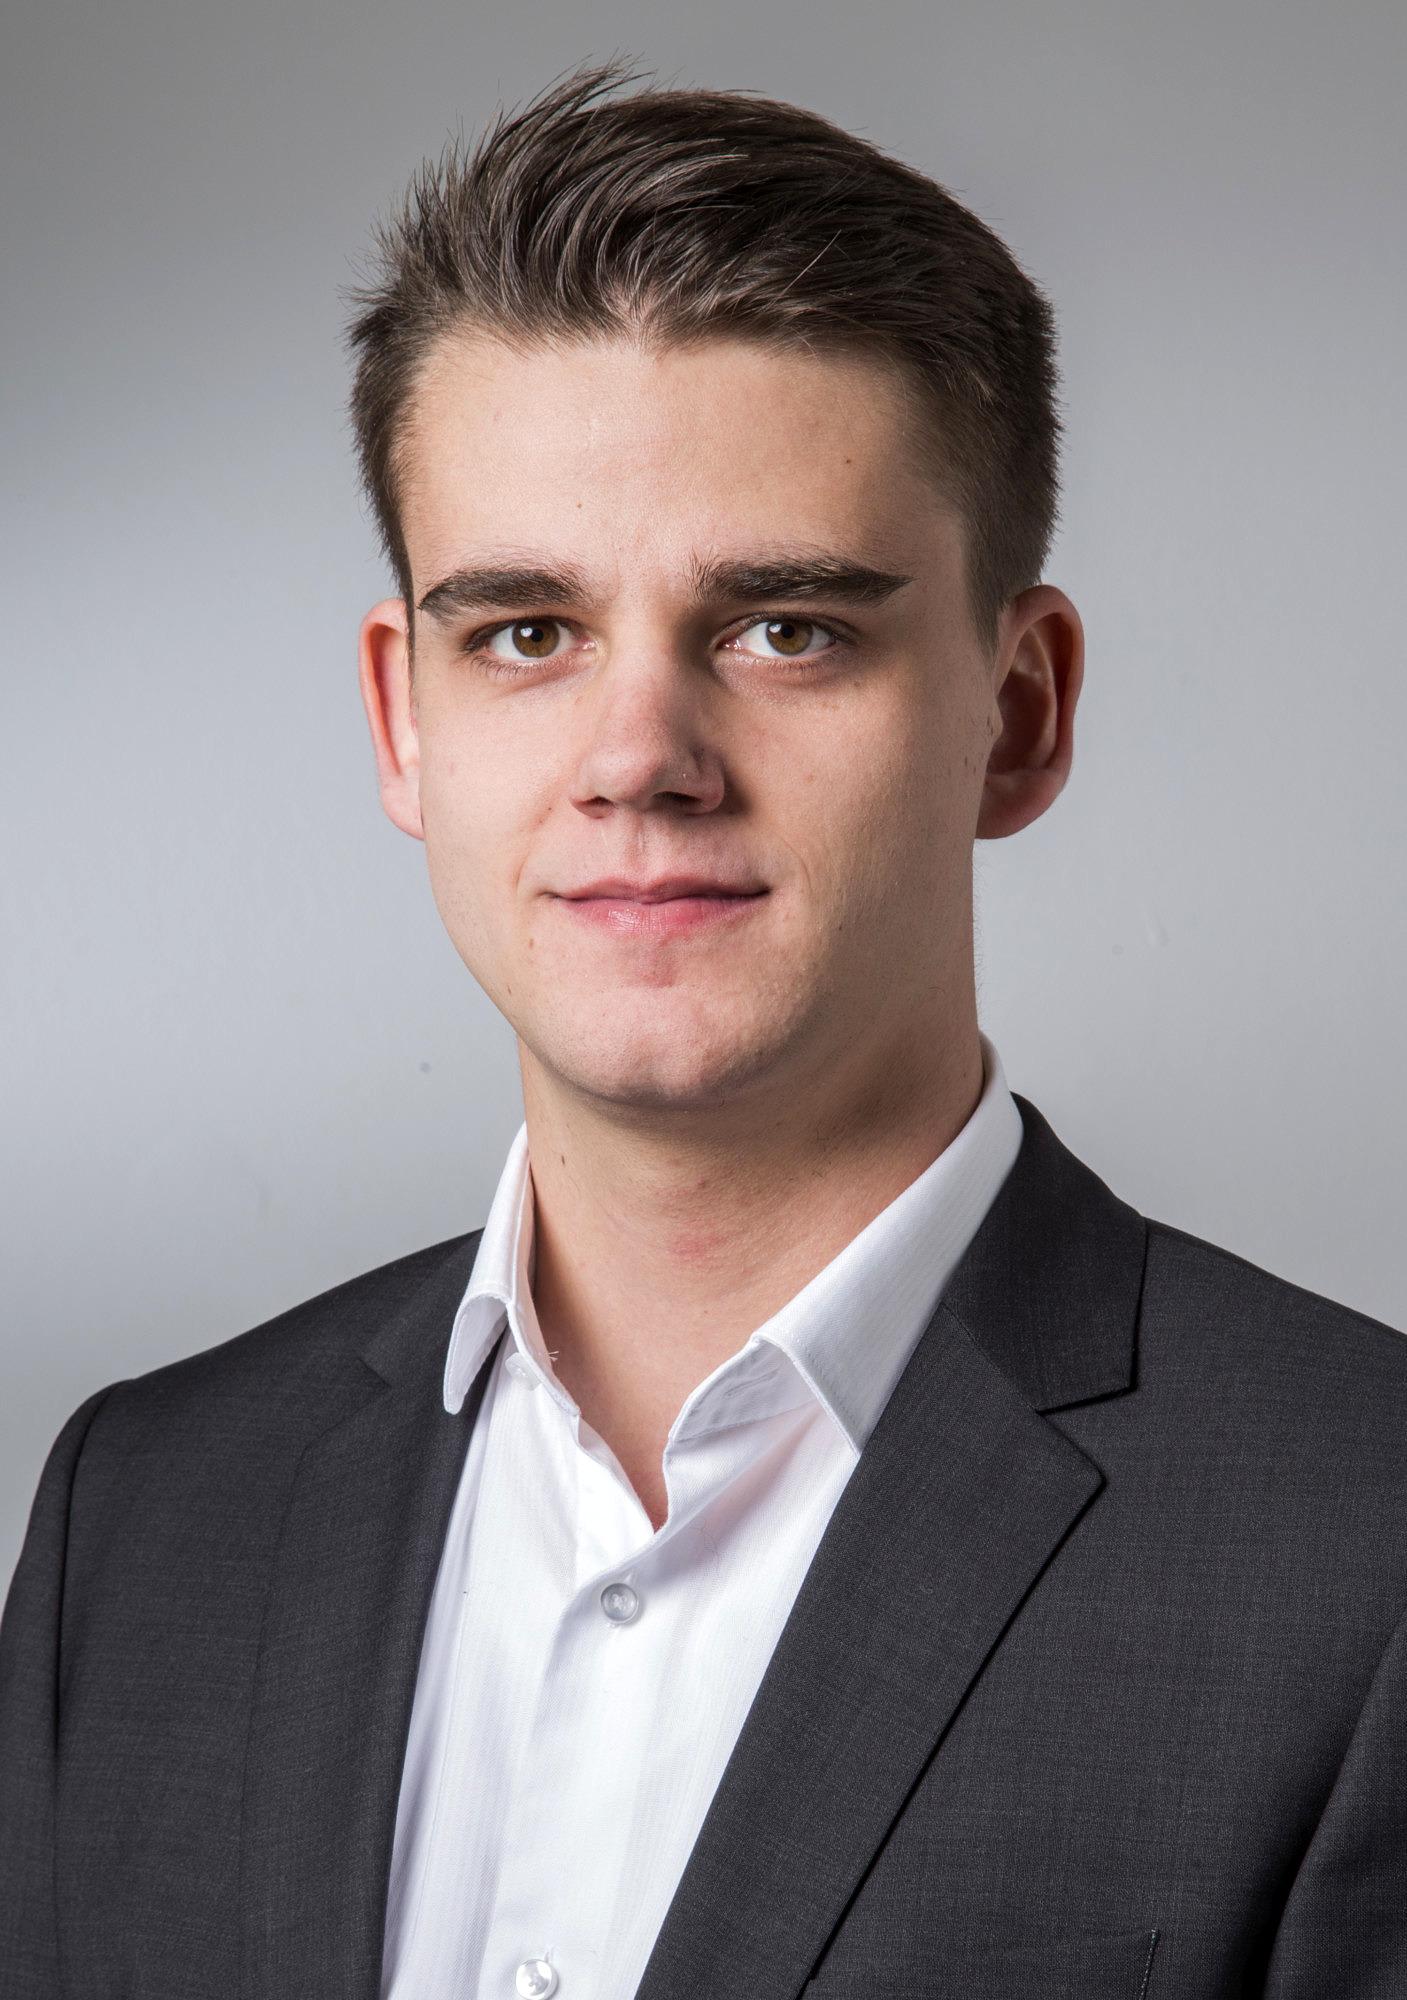 M.Sc. Nikolai Weitz